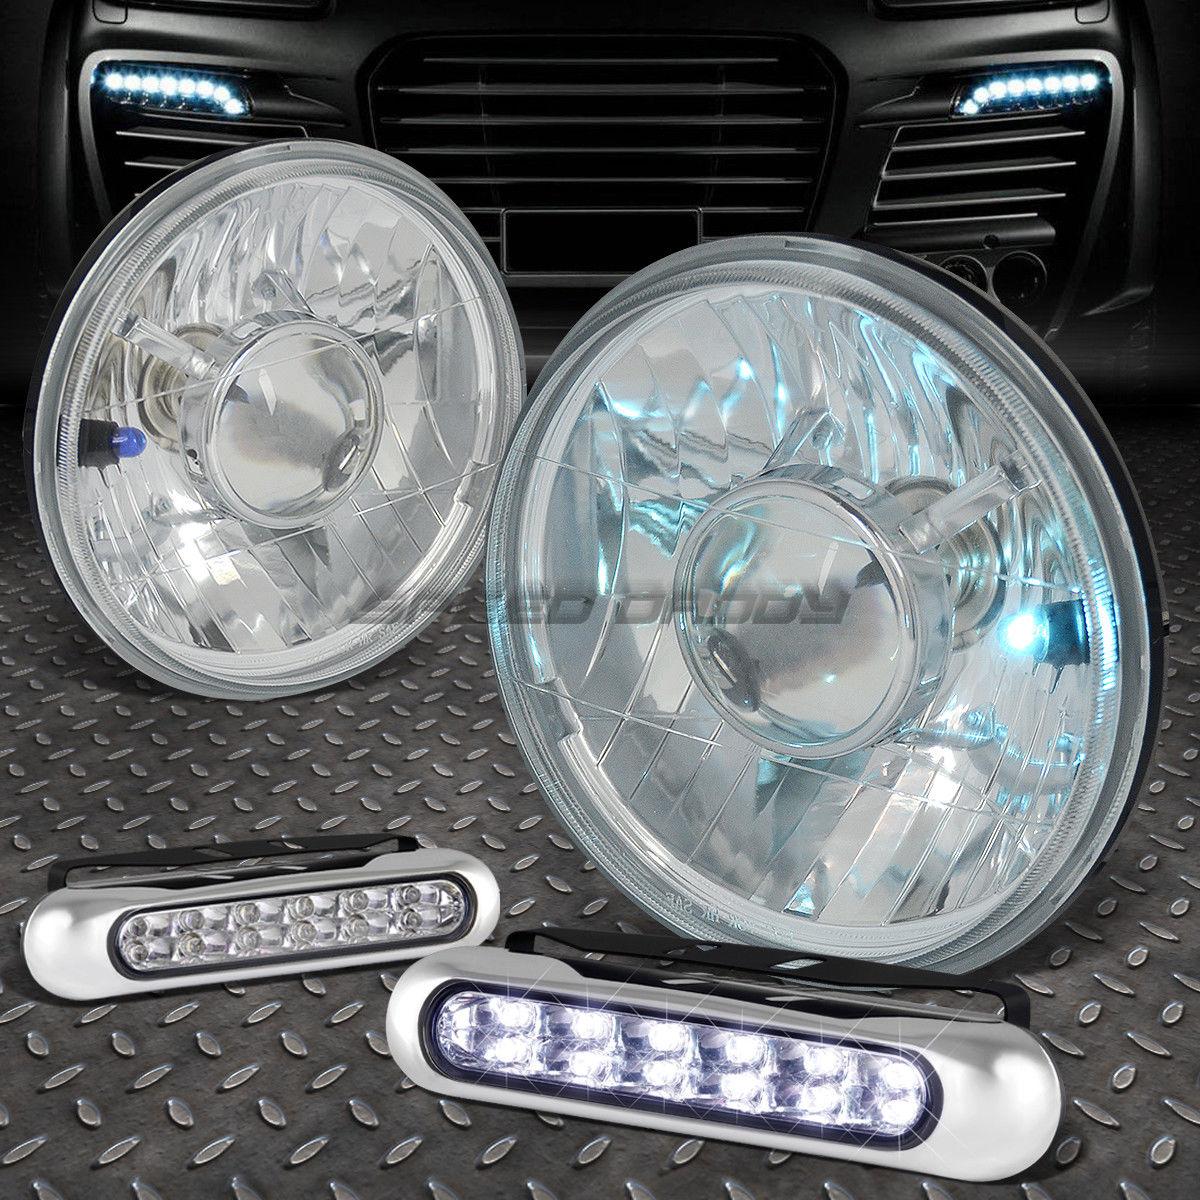 フォグライト WHITE ROUND DIAMOND PROJECTOR HEADLIGHT+12 LED GRILL FOG LIGHT FOR 7